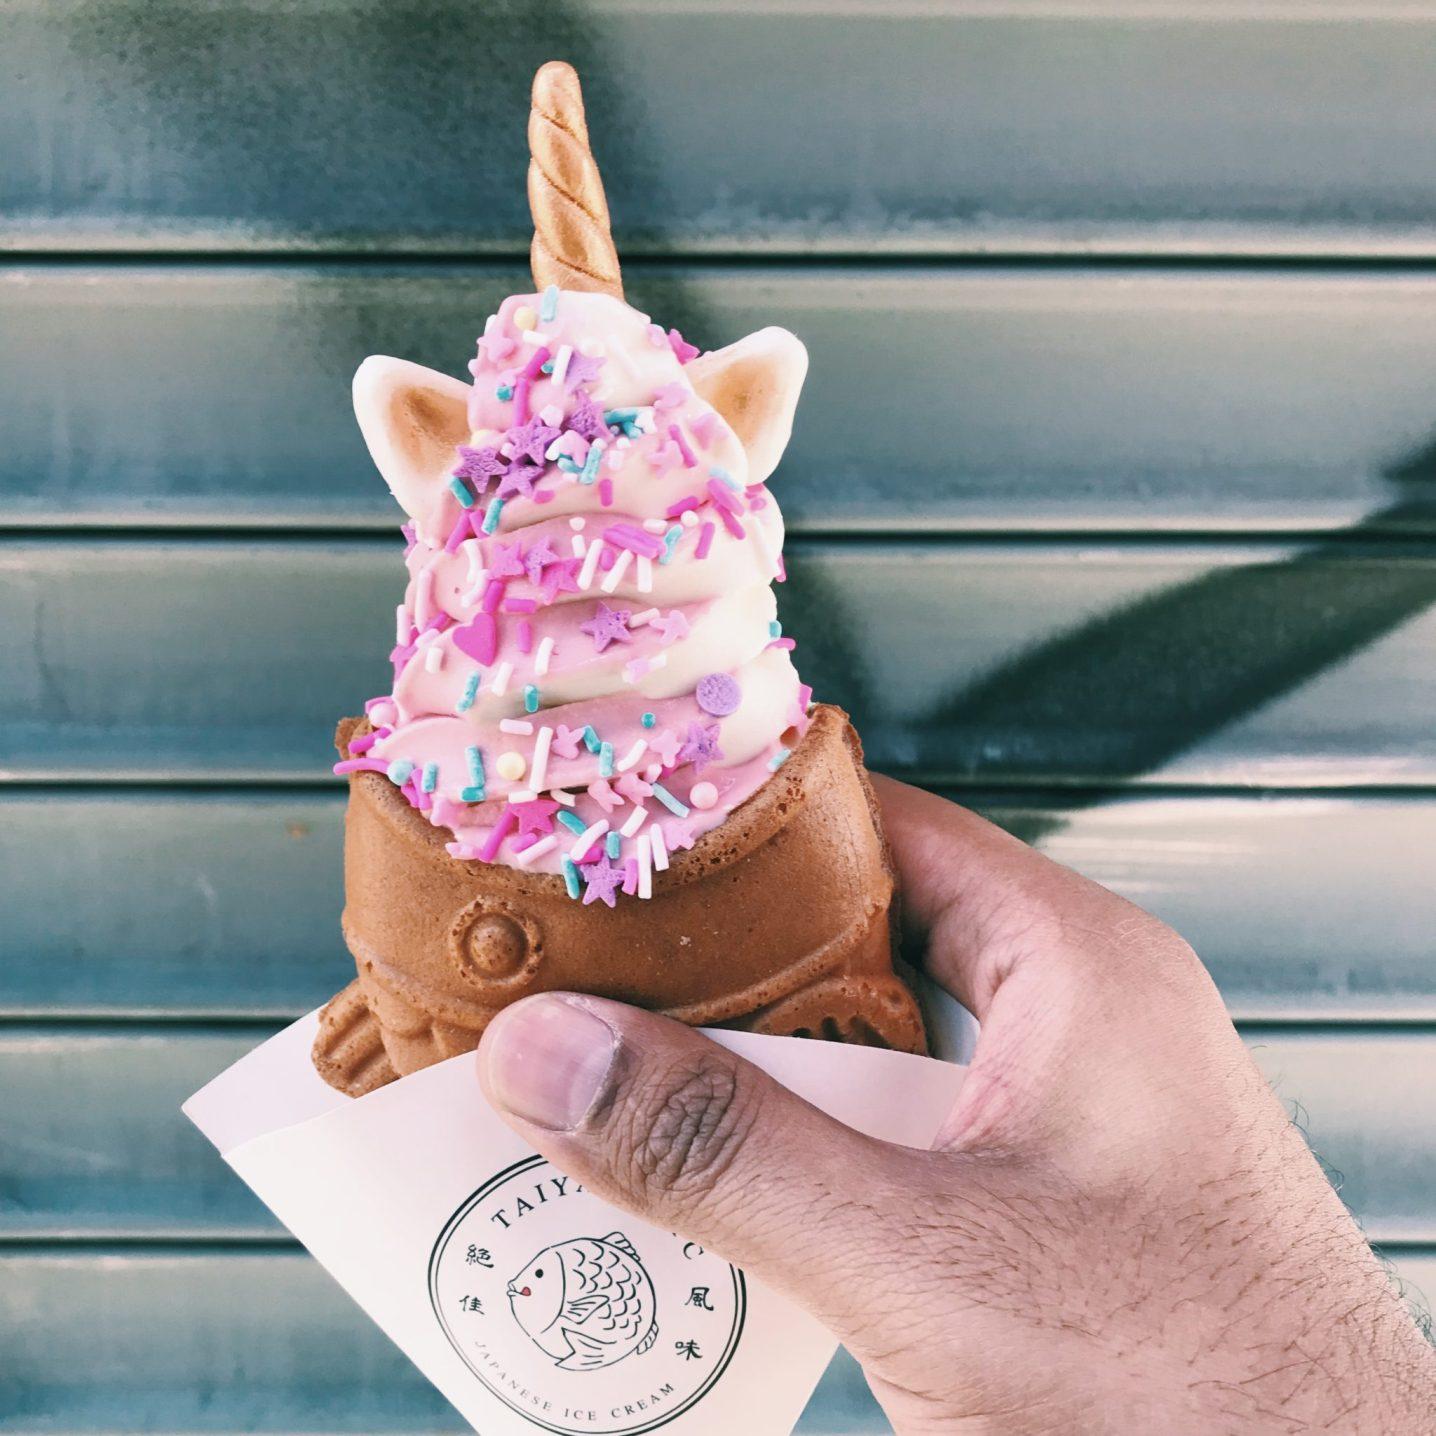 Taiyaki NYC: A mix of Unicorns & Ice Cream in NYC Chinatown